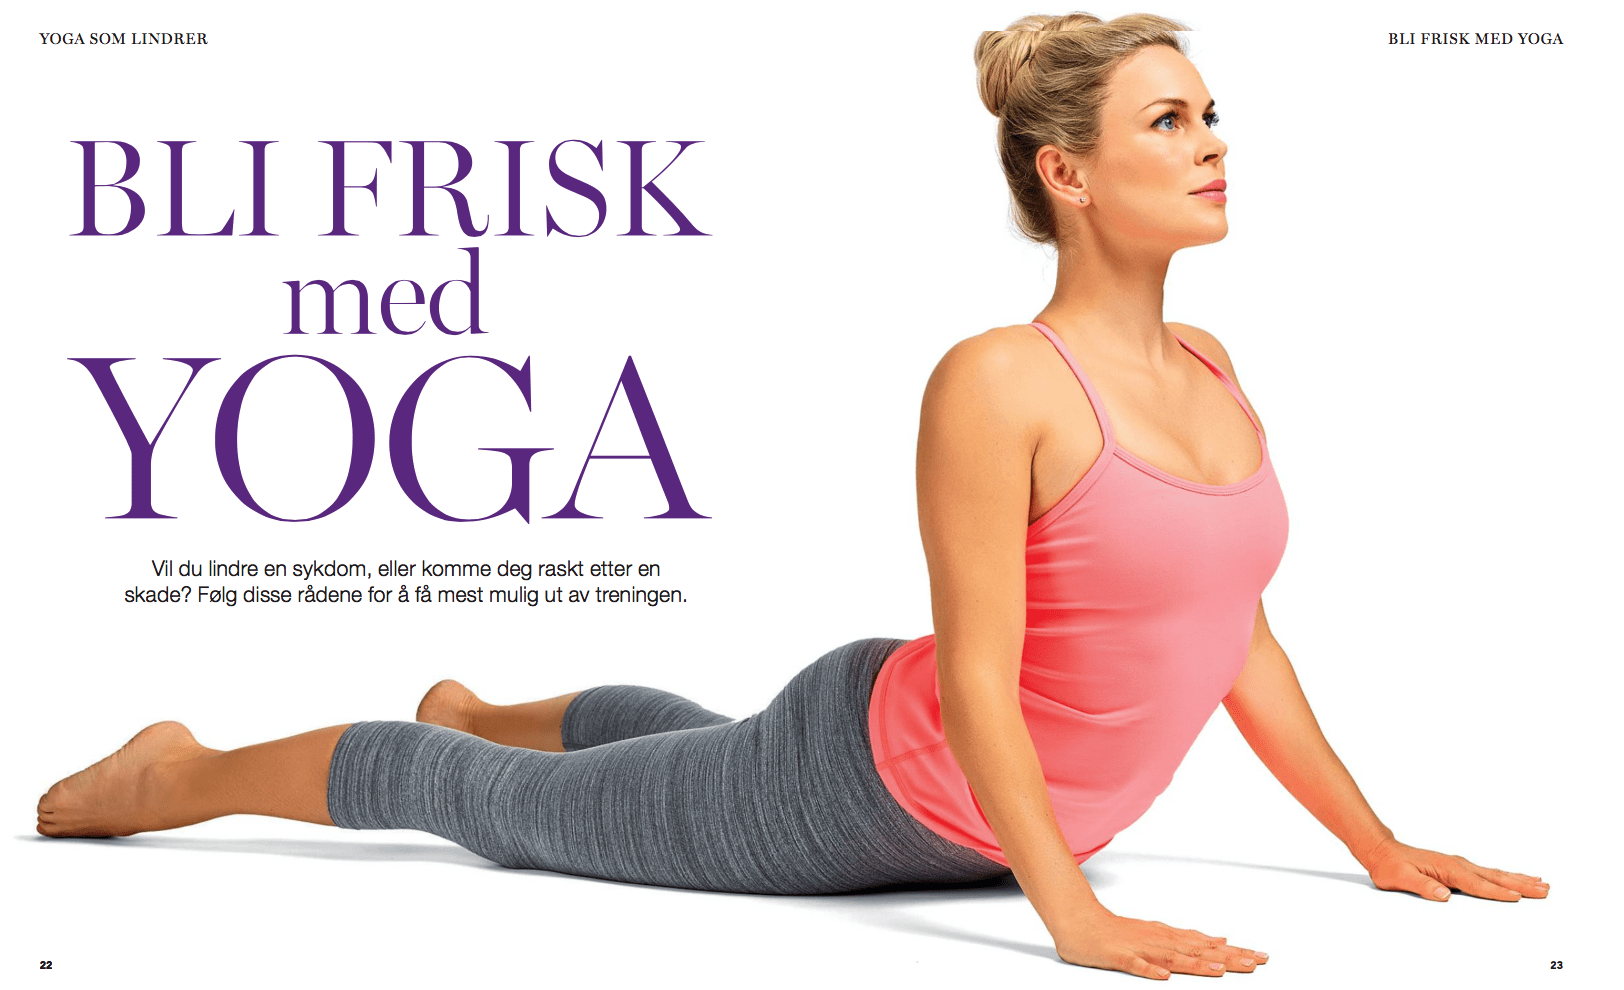 Yoga som lindrer, oppslag